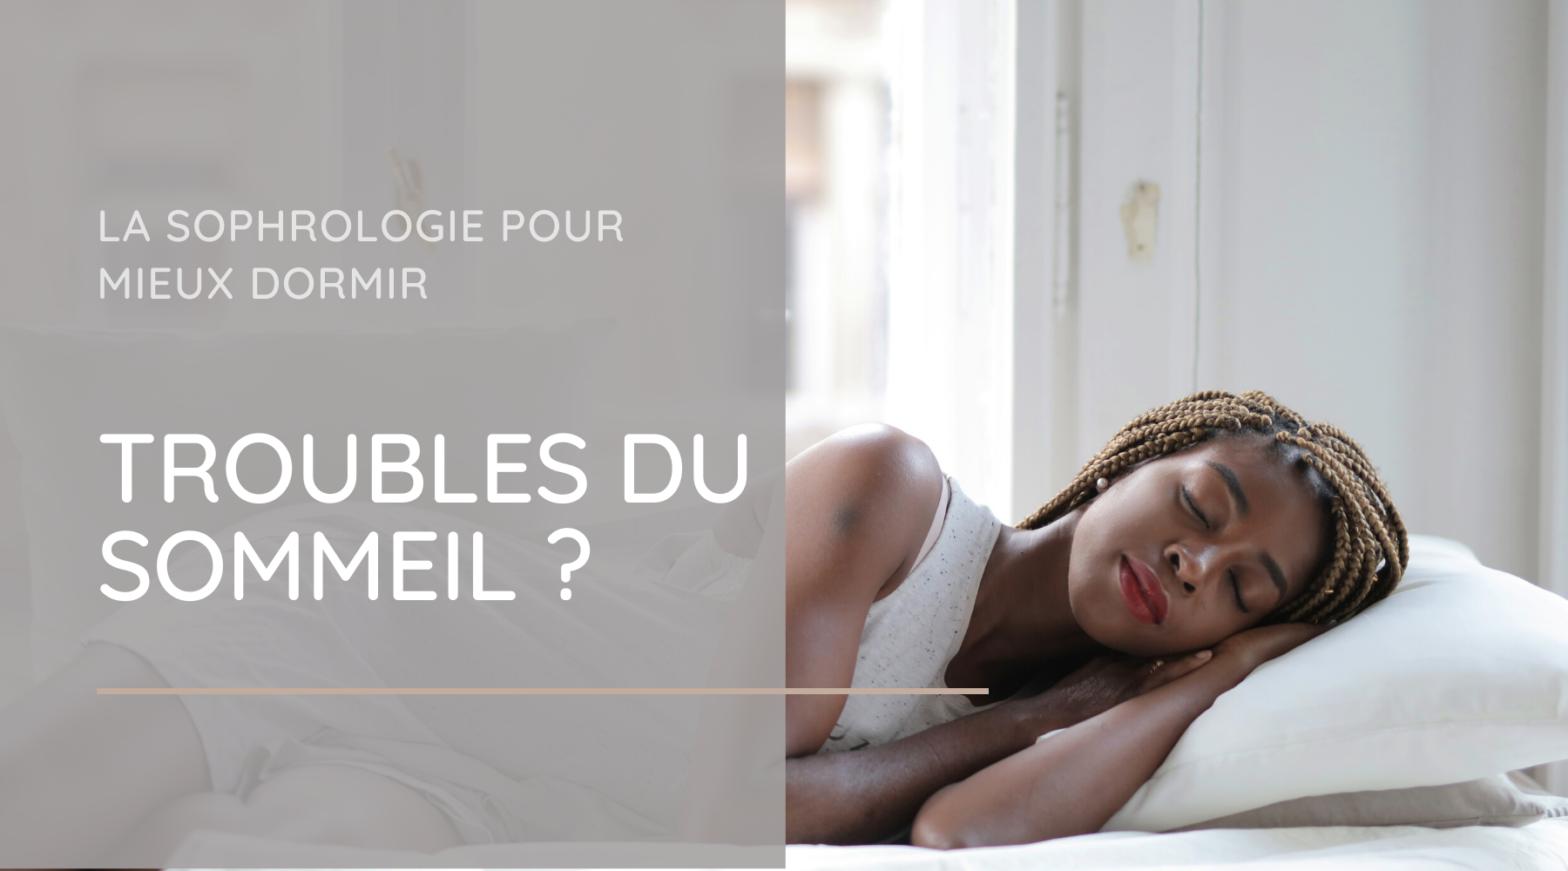 Troubles du sommeil : Comment la sophrologie peut vous aider à mieux dormir